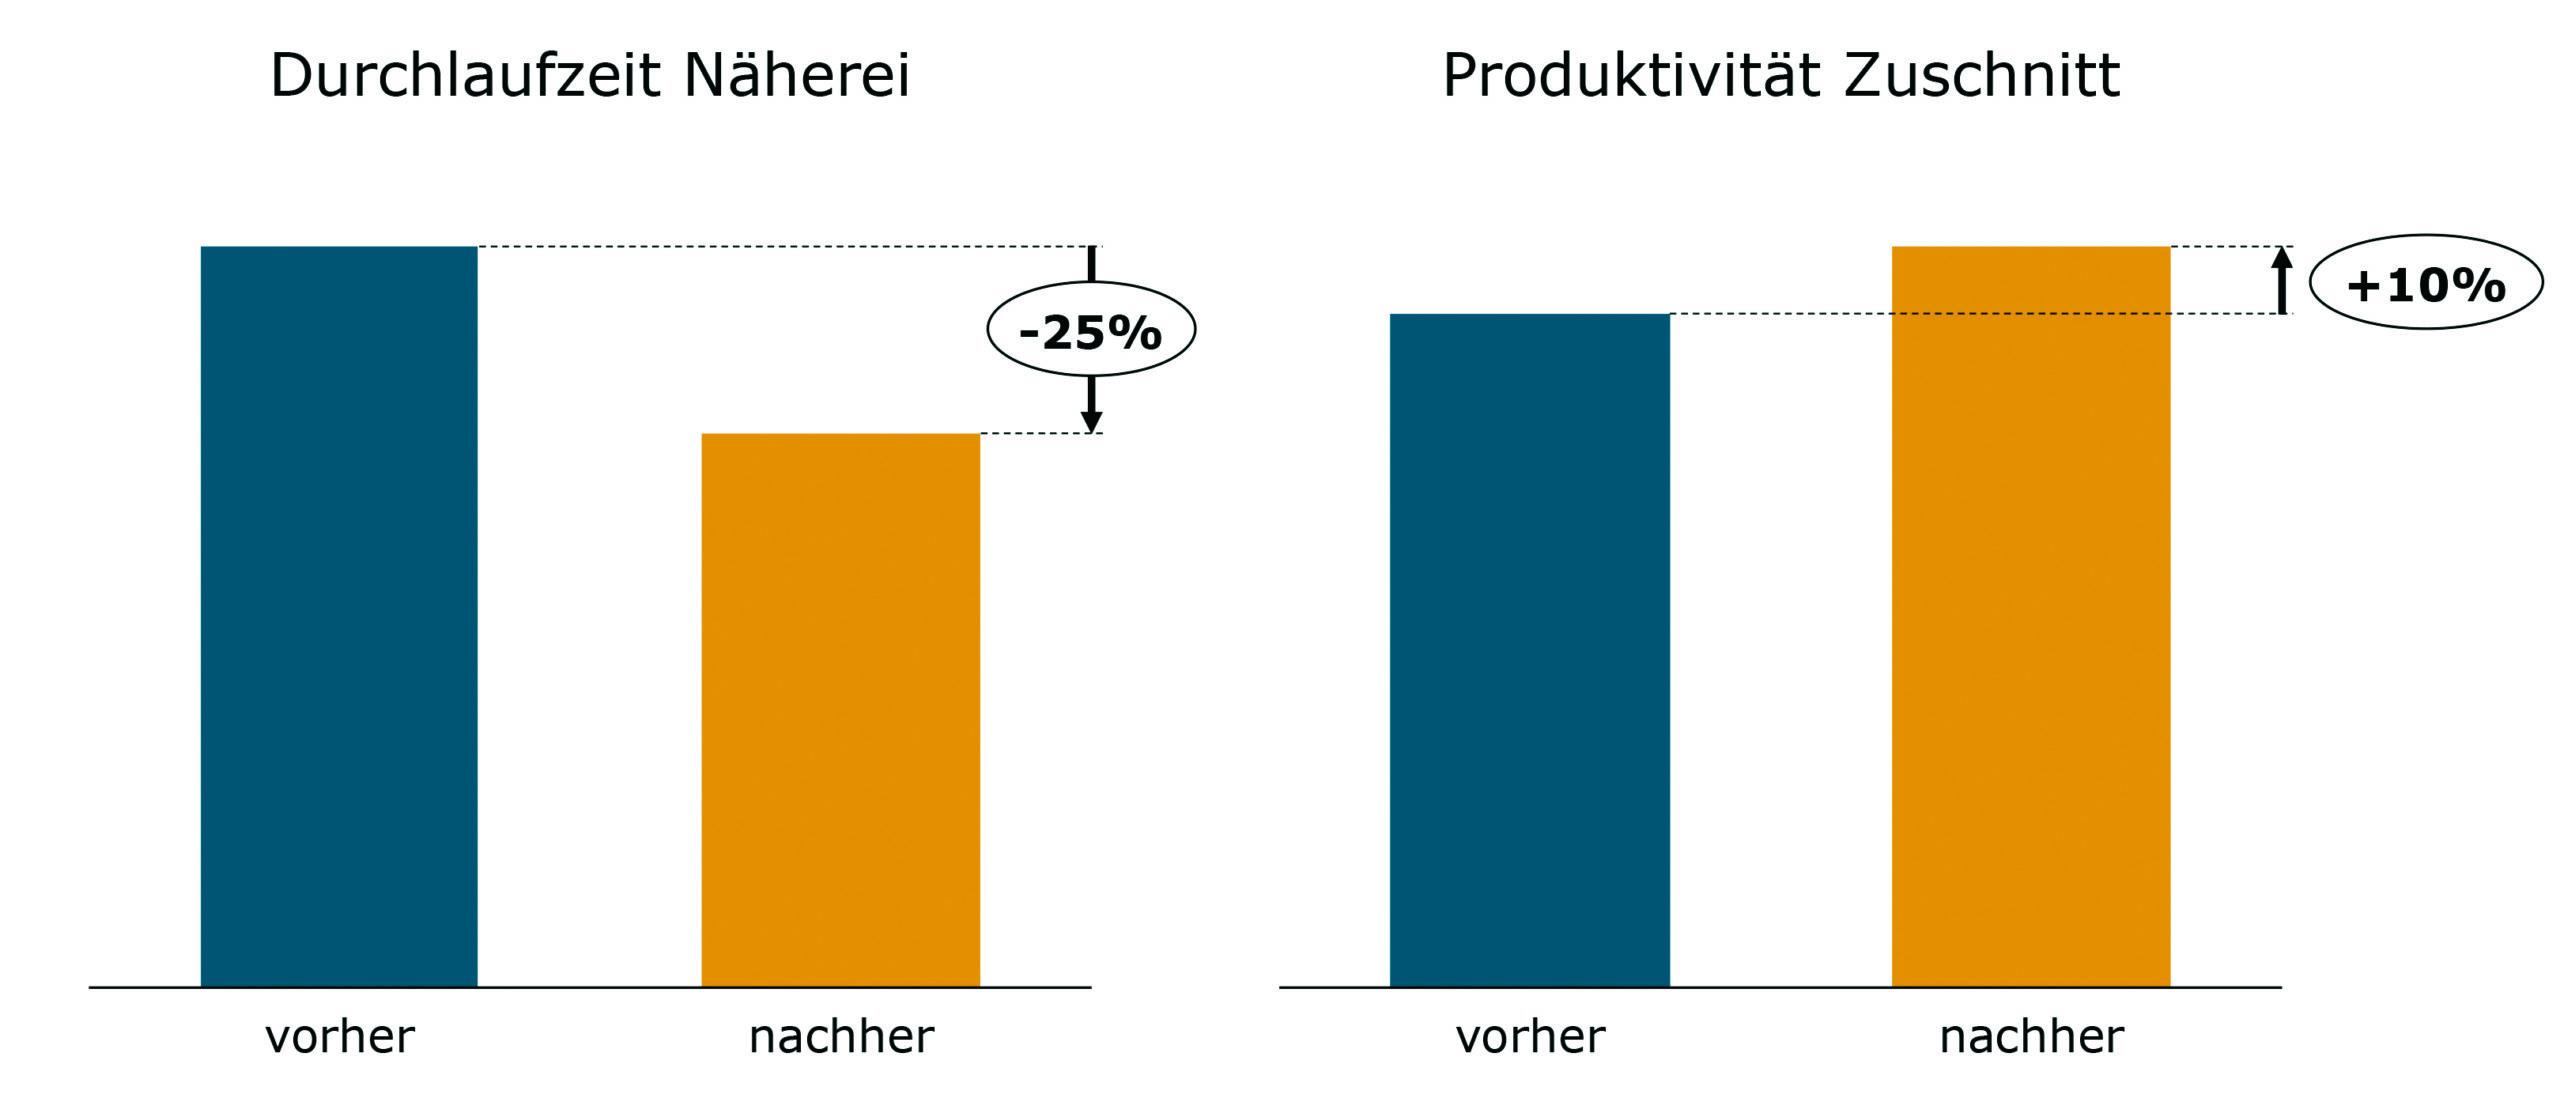 Signifikante Reduktion von Durchlaufzeit in der Näherei; gesteigerte Produktivität im Zuschnitt